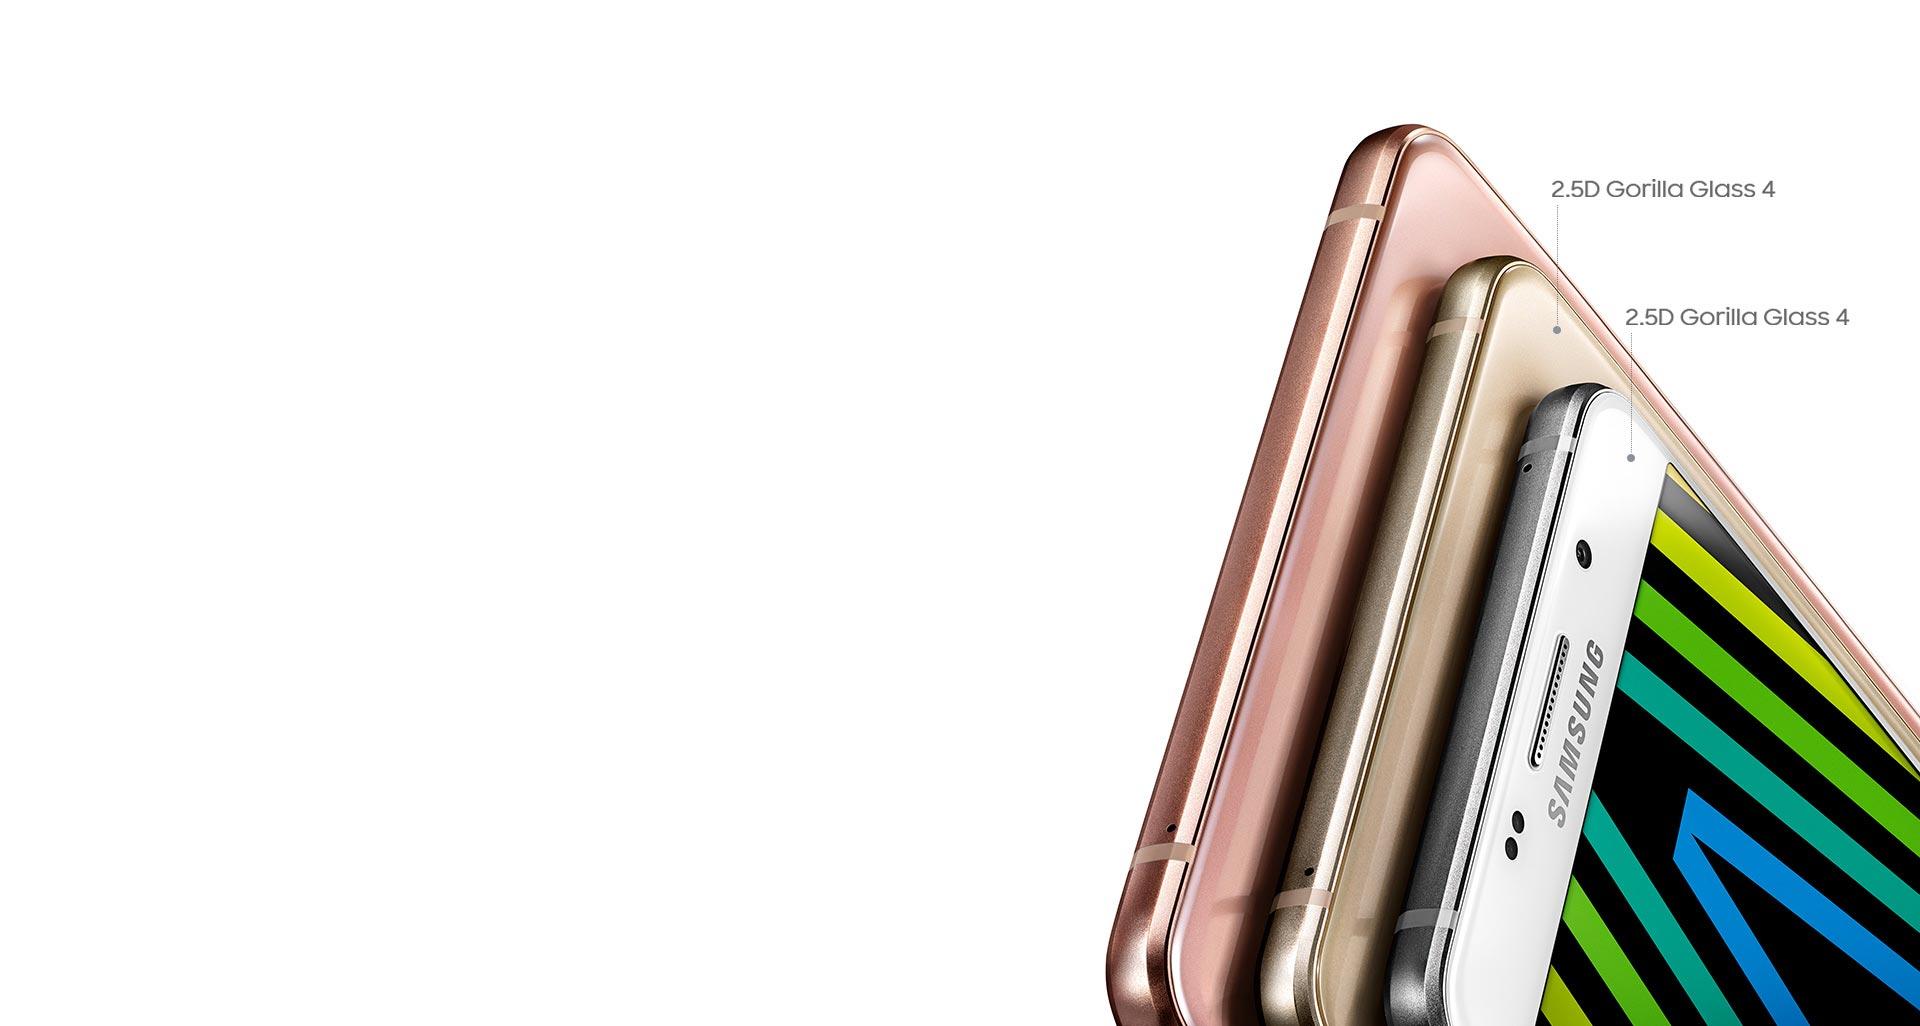 شیشه ای مقاوم، بدنه ی فلزی، طراحی منحصر به فرد